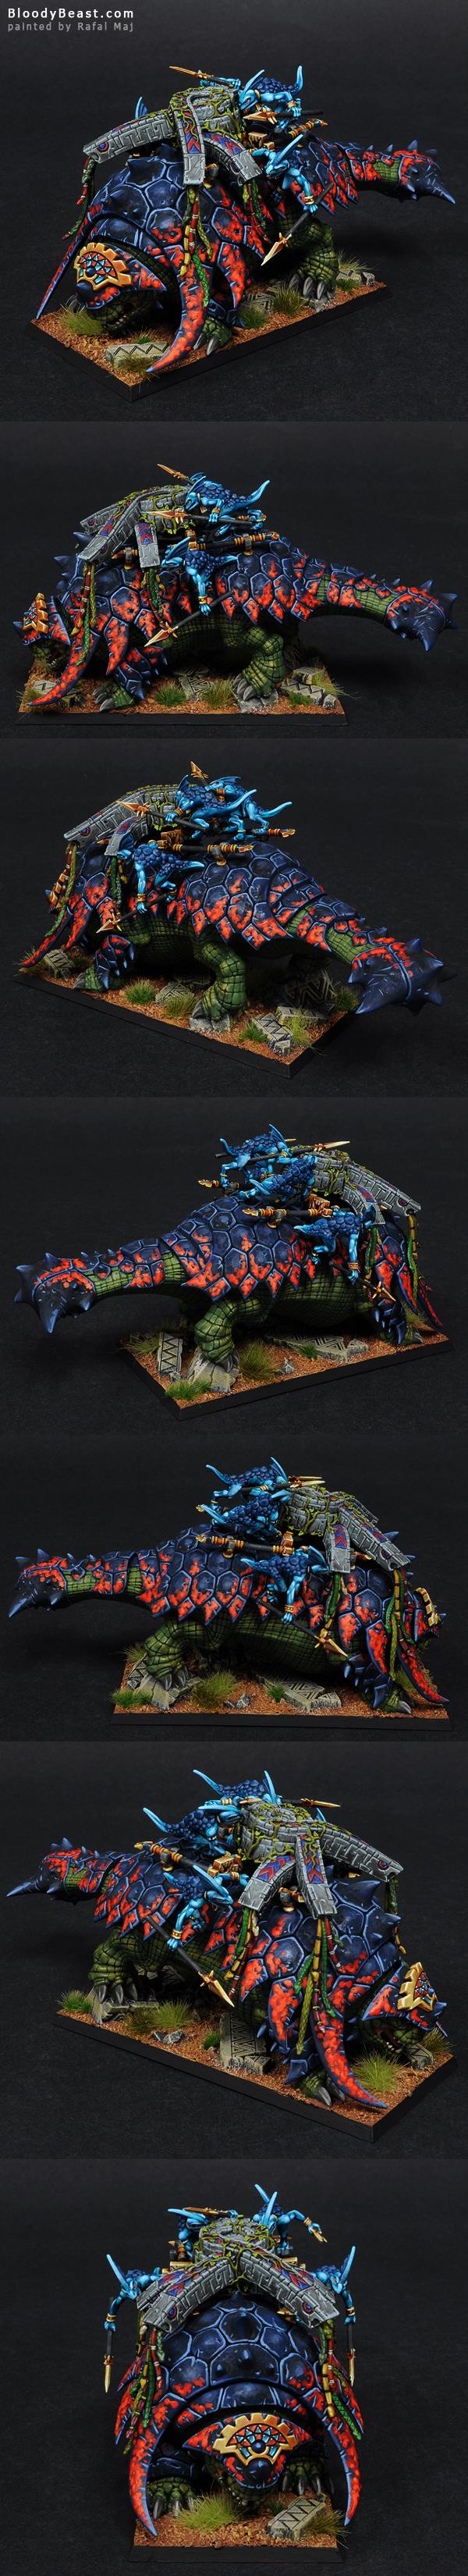 Lizardmen Bastiladon with Ark of Sotek painted by Rafal Maj (BloodyBeast.com)